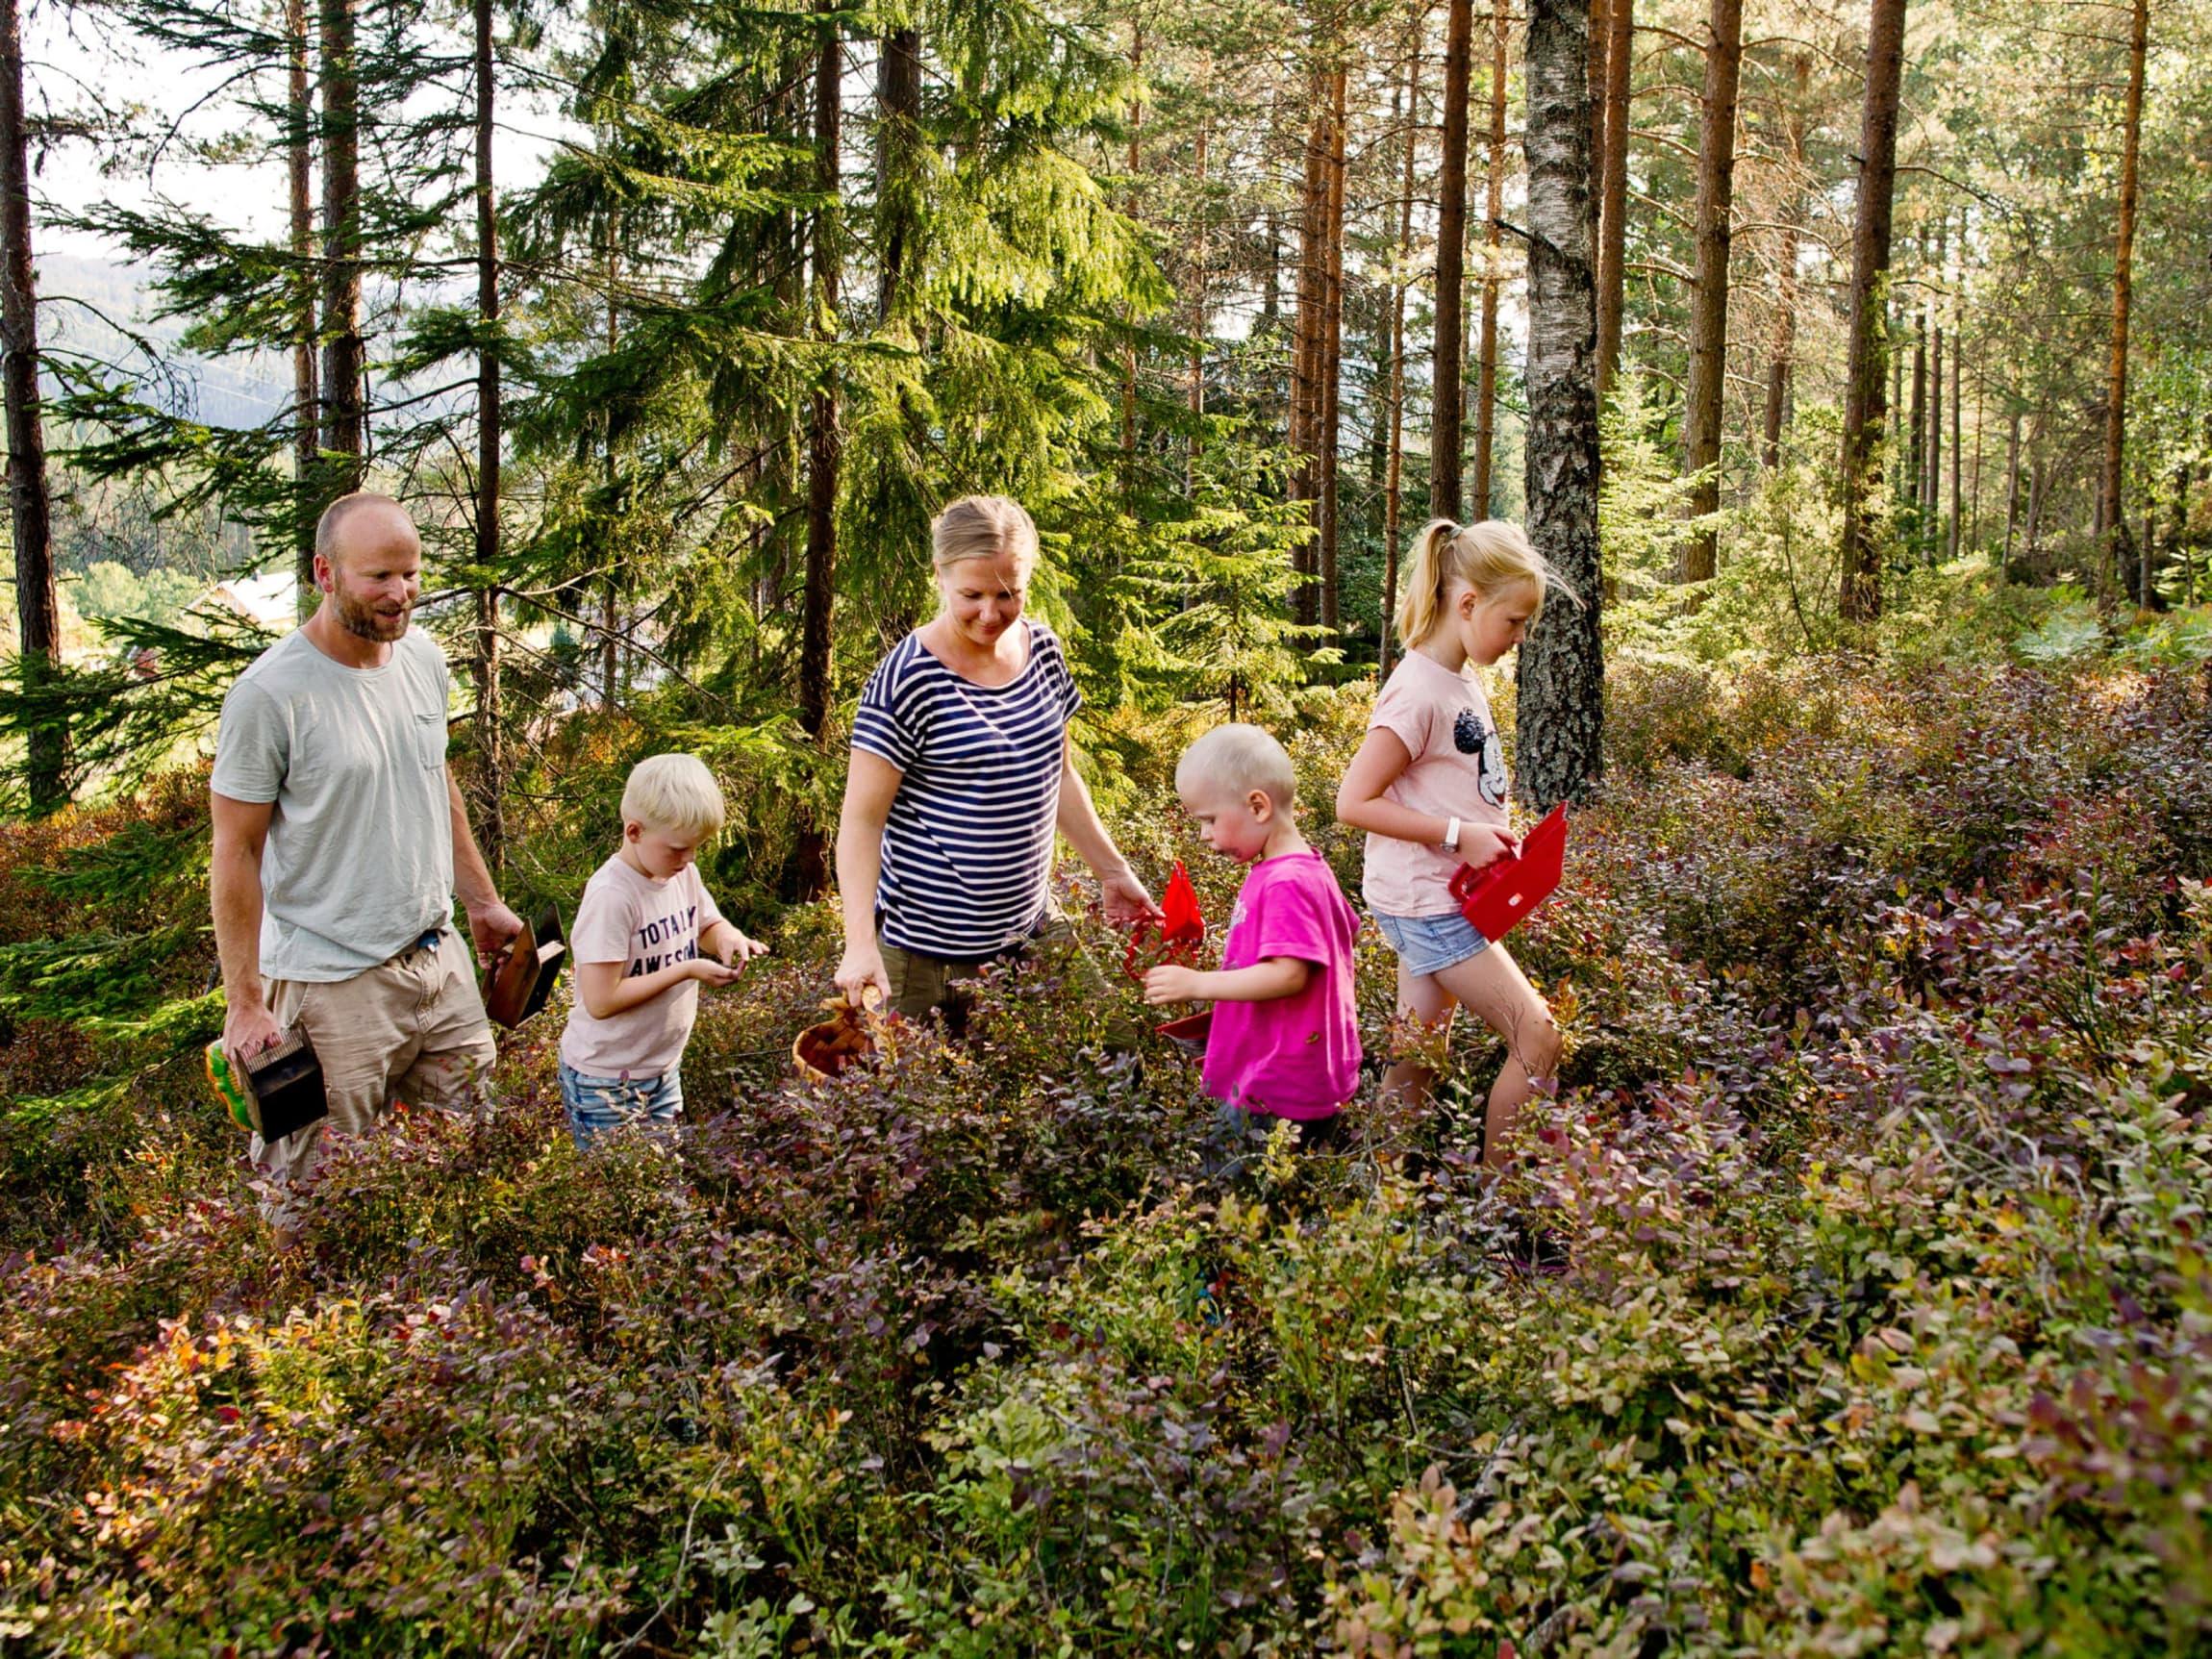 Røyland Gård har hele tiden vært opptatt av utnytting av naturressursene. Høsting, sanking og foredling har vært en naturlig del av hverdagen på gården fra starten av.